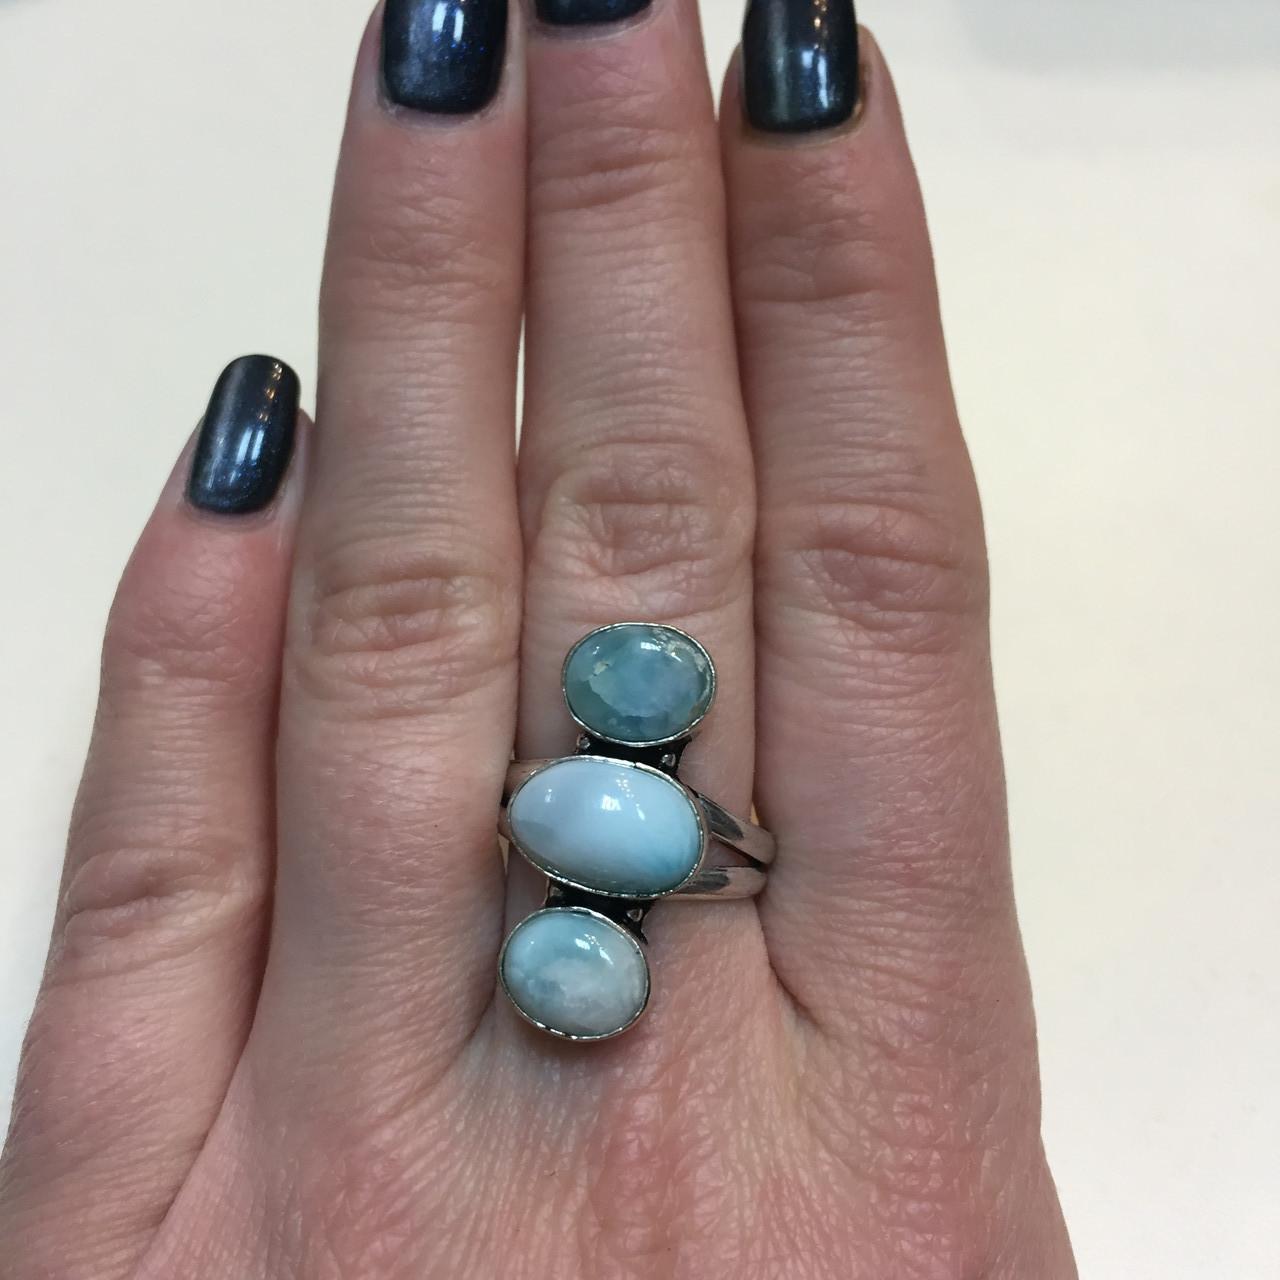 Тройное кольцо ларимар Доминикана 18 размер. Кольцо с камнем ларимар в серебре Индия